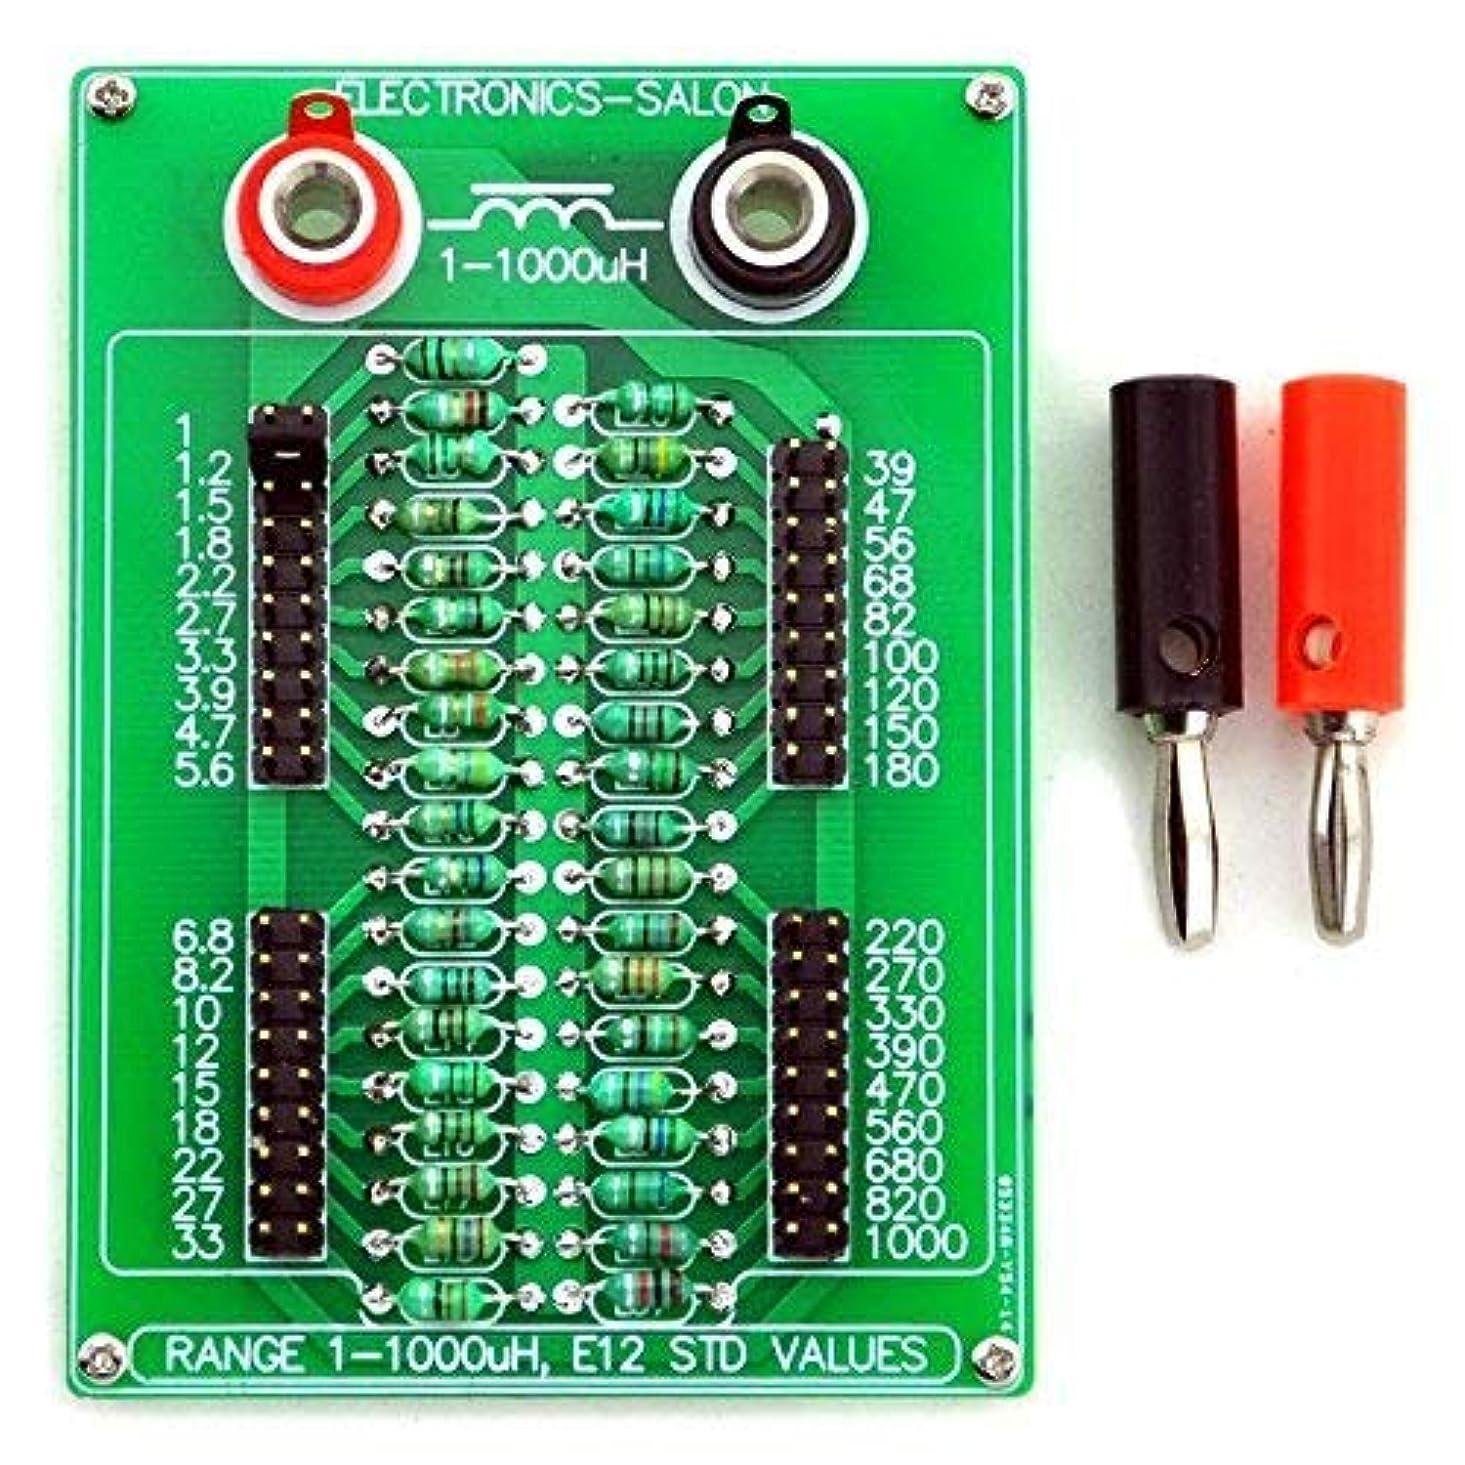 Electronics-Salon E12標準 37 値プログラマブルインダクタボード1000uhする1uh